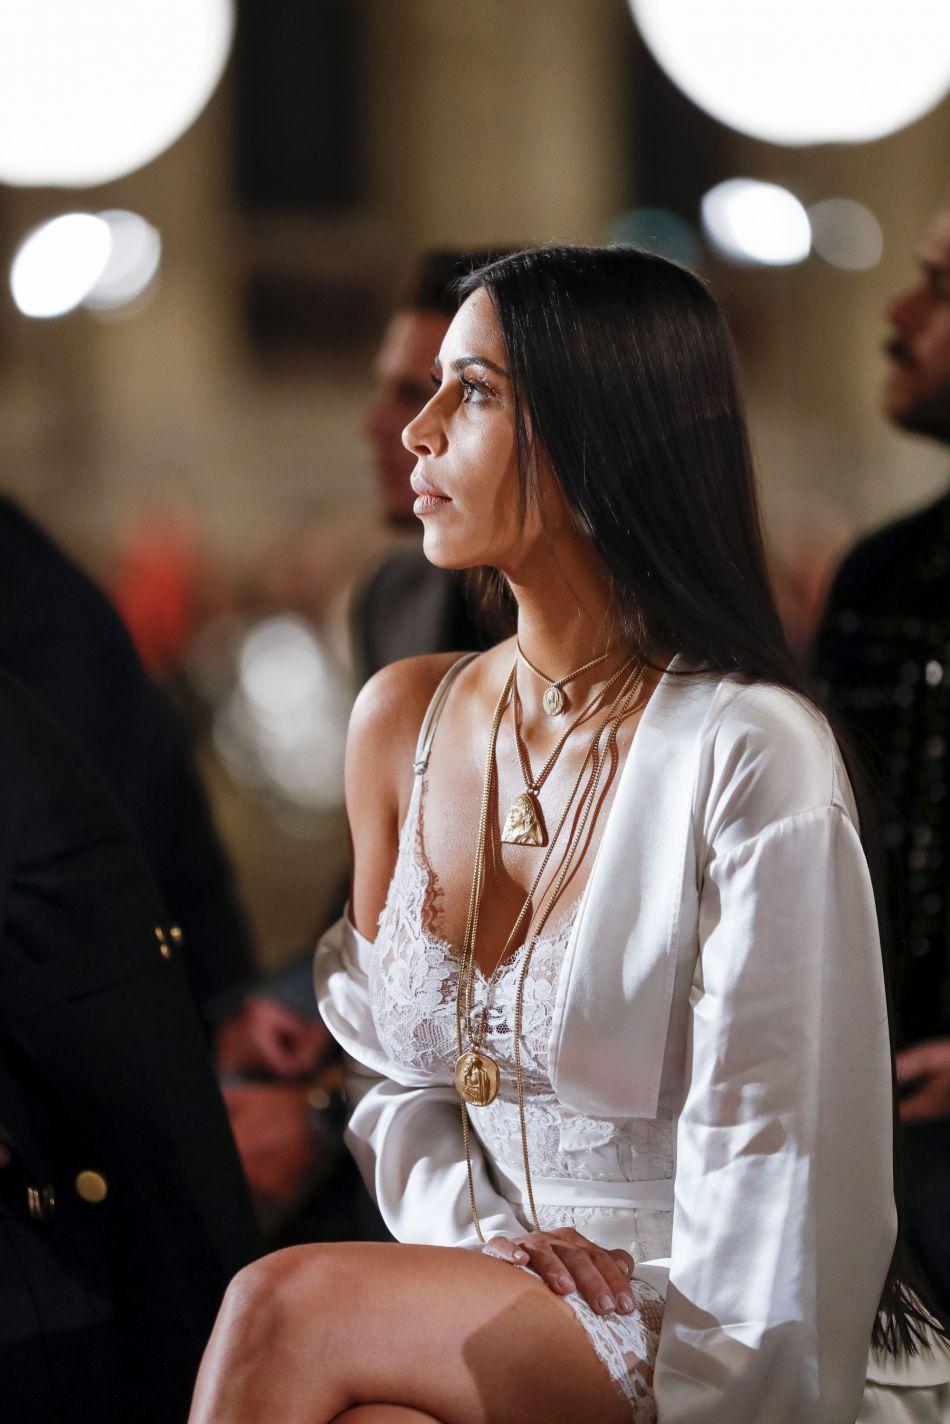 Elle séjournait dans un hôtel particulier à l'occasion de la Fashion Week parisienne.